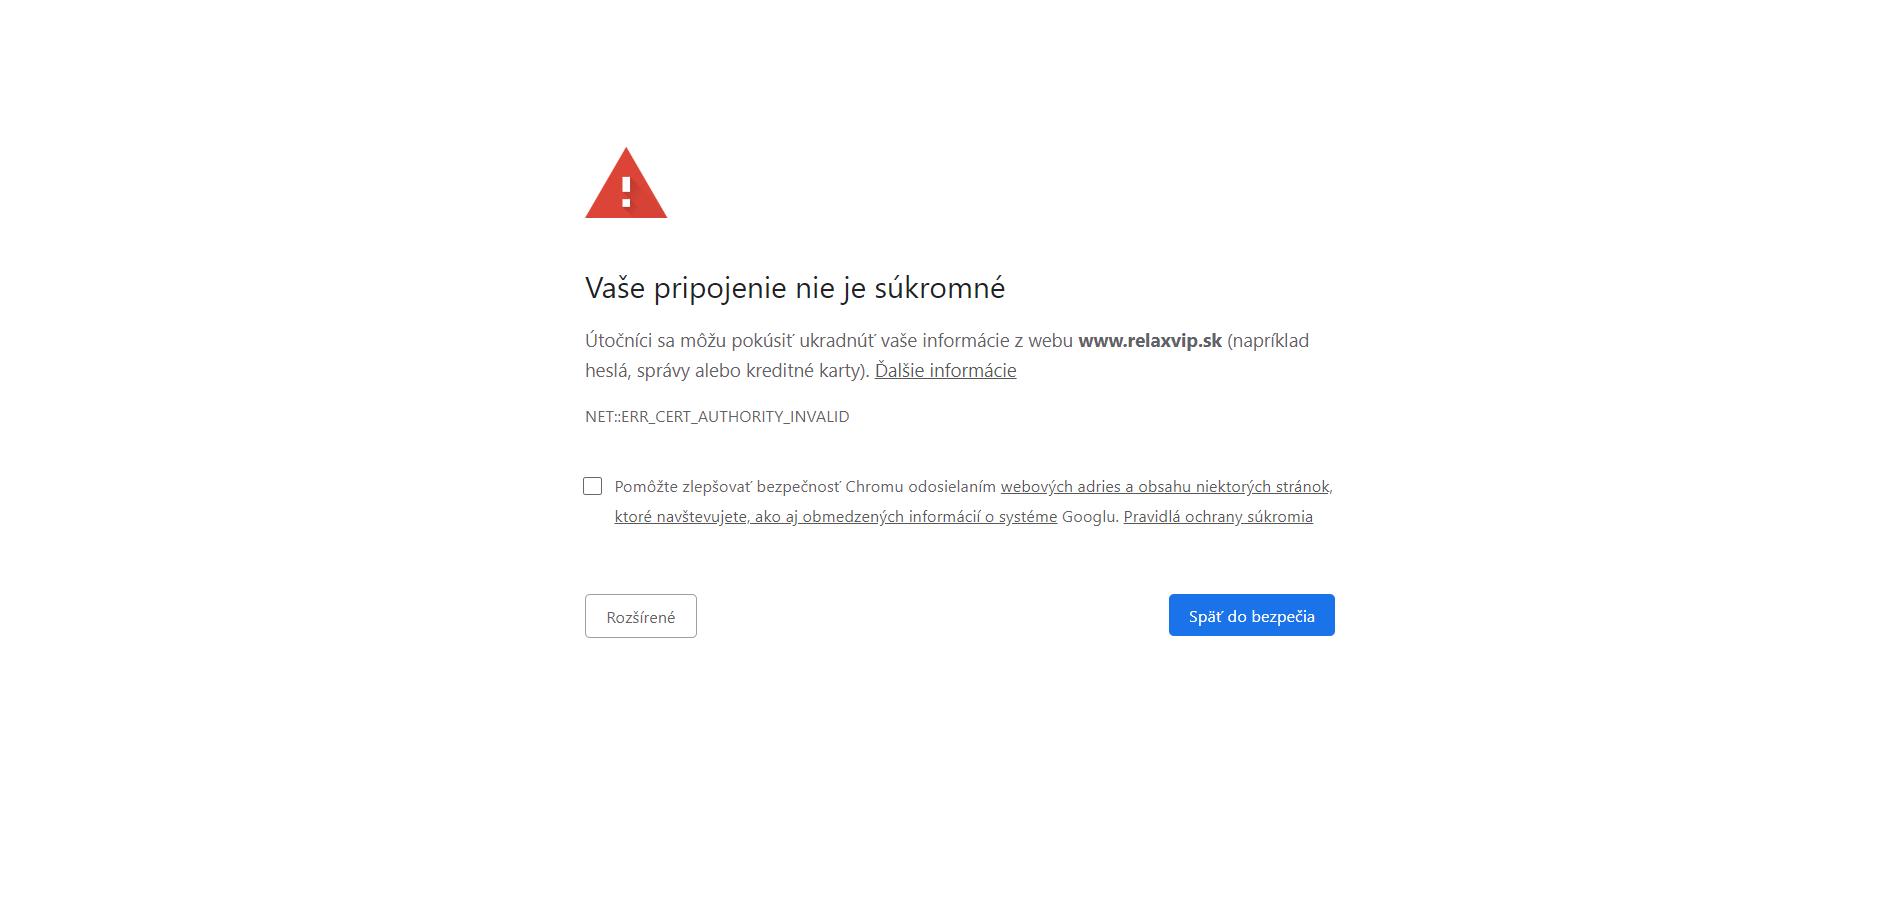 chyba v ochrane osobných údajov